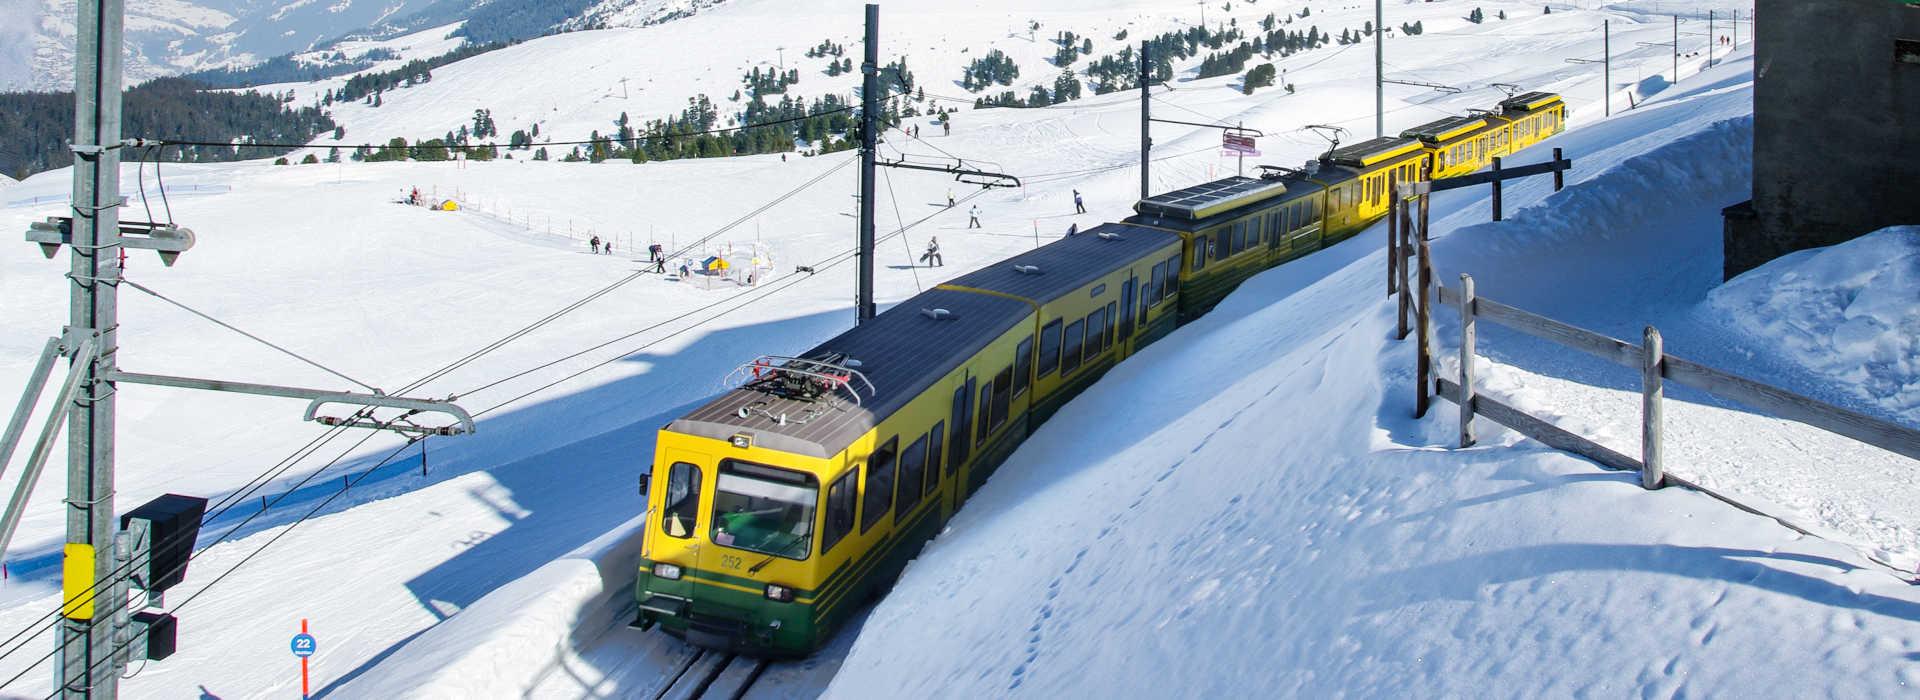 Train from Kleine Scheidegg to Jungfraujoch in winter. On the background the northface of mount Eiger.